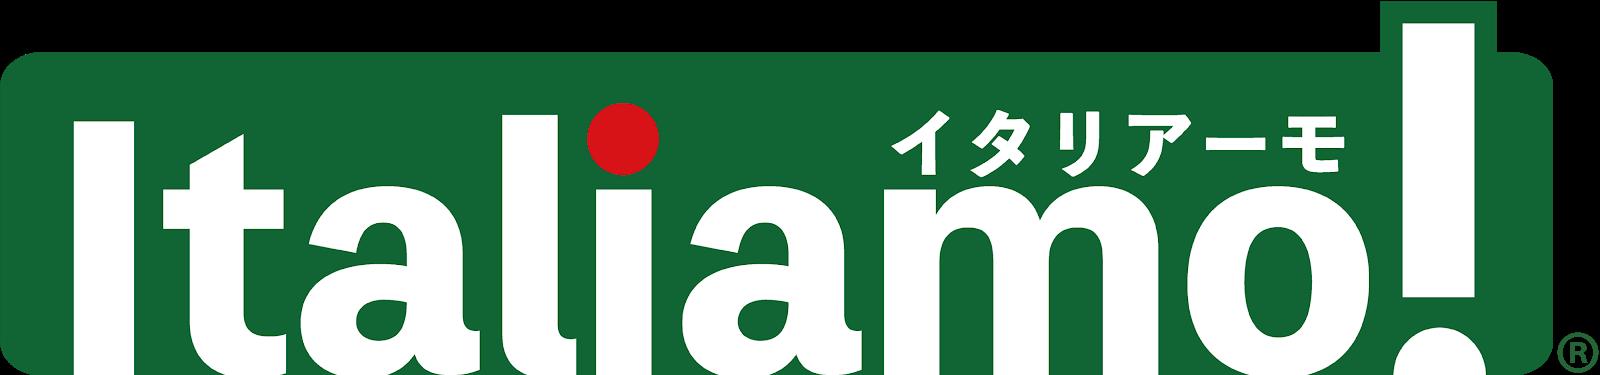 イタリア情報ポータルサイト